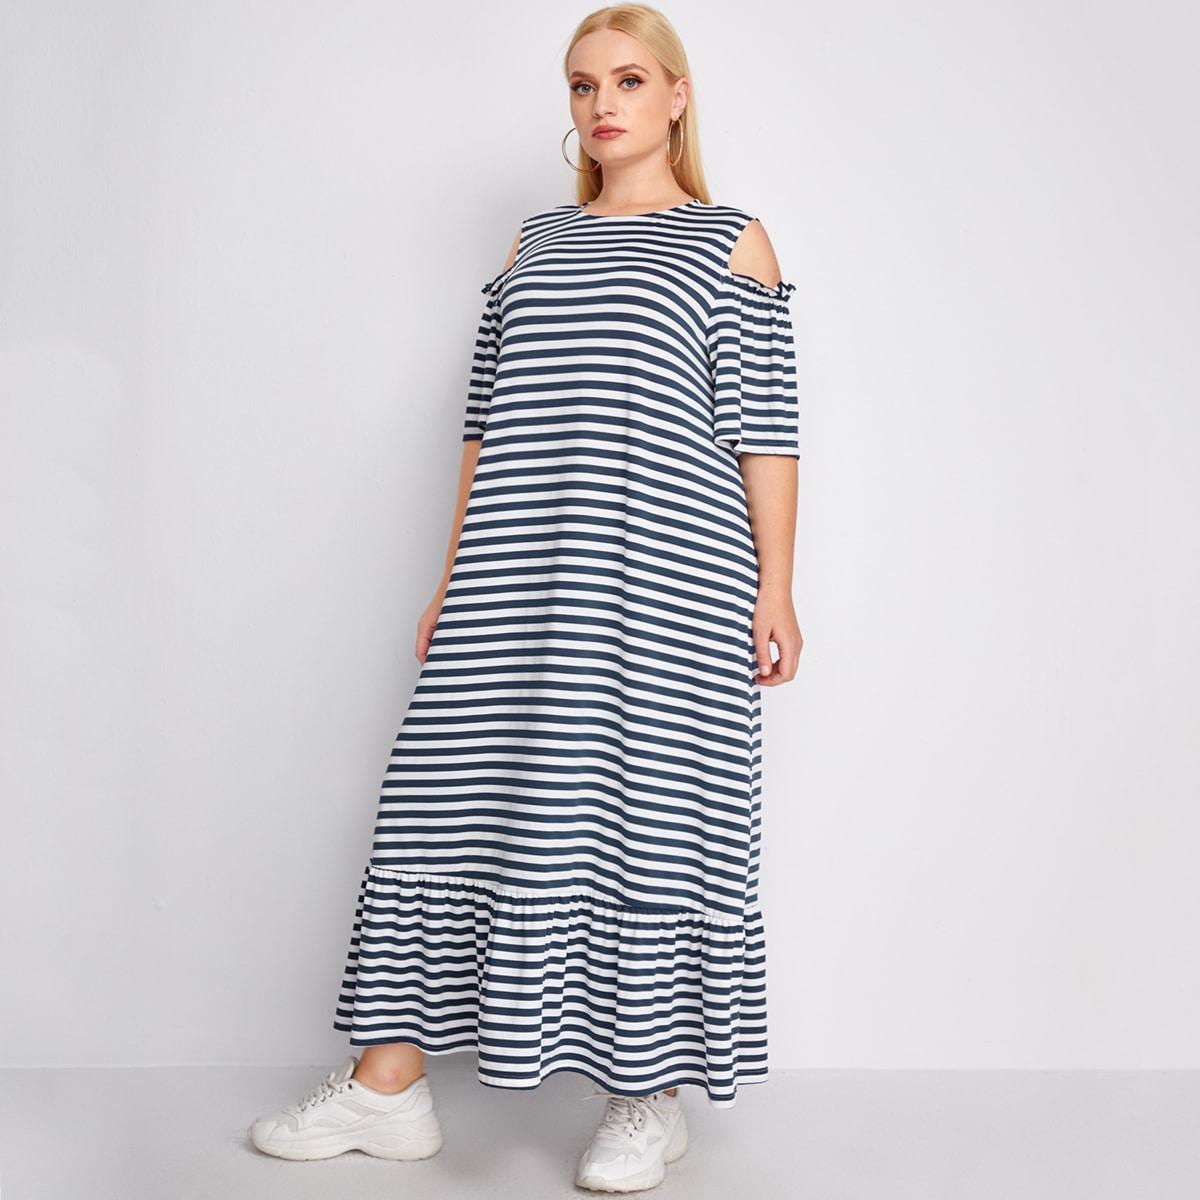 Платье в полоску с открытыми плечами размера плюс